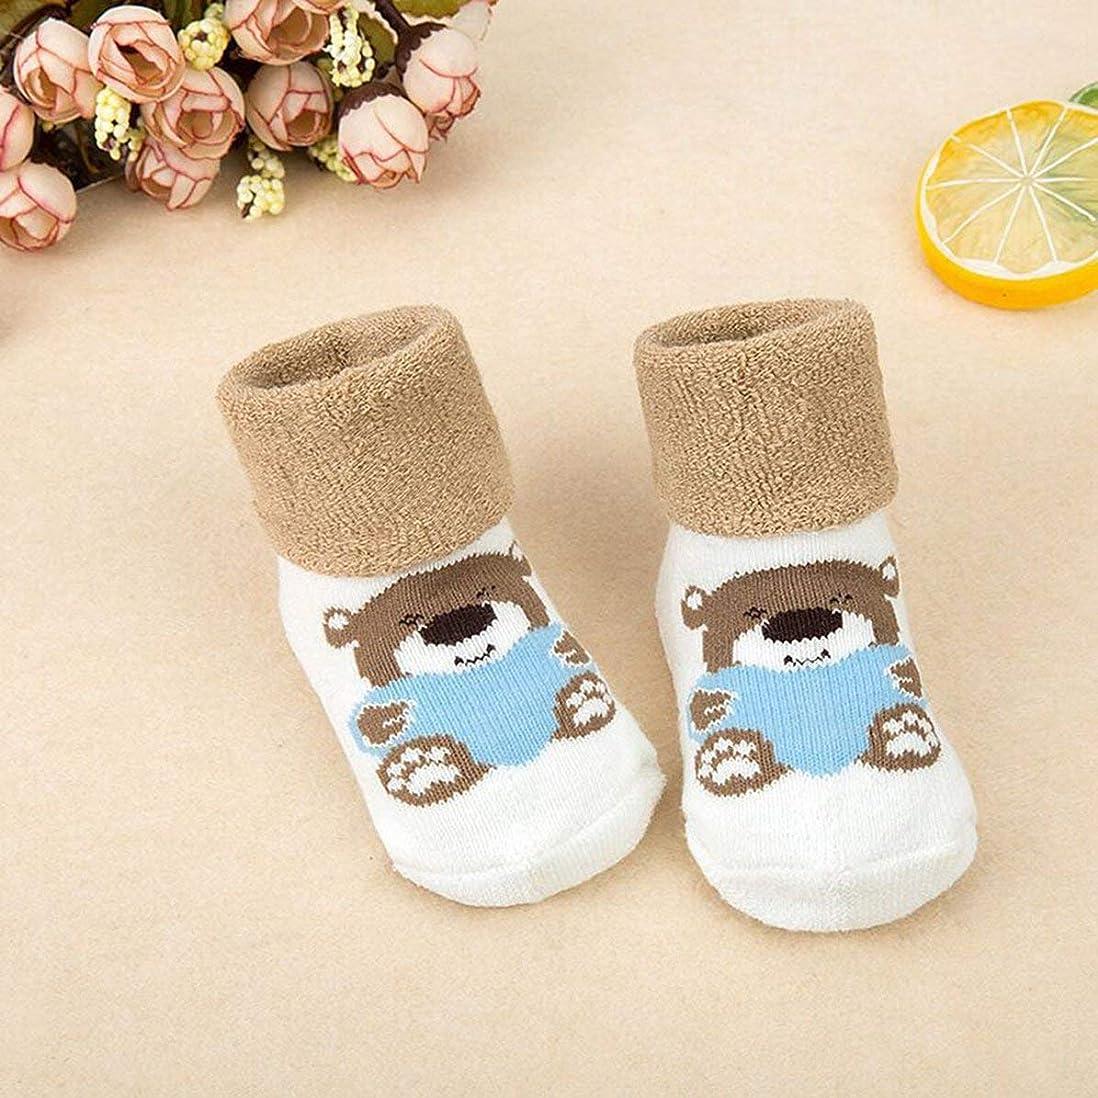 デンマーク語主観的時々時々新生児靴下漫画動物ストッキング厚い幼児靴下かわいい靴0-3歳の赤ちゃん女の子男の子